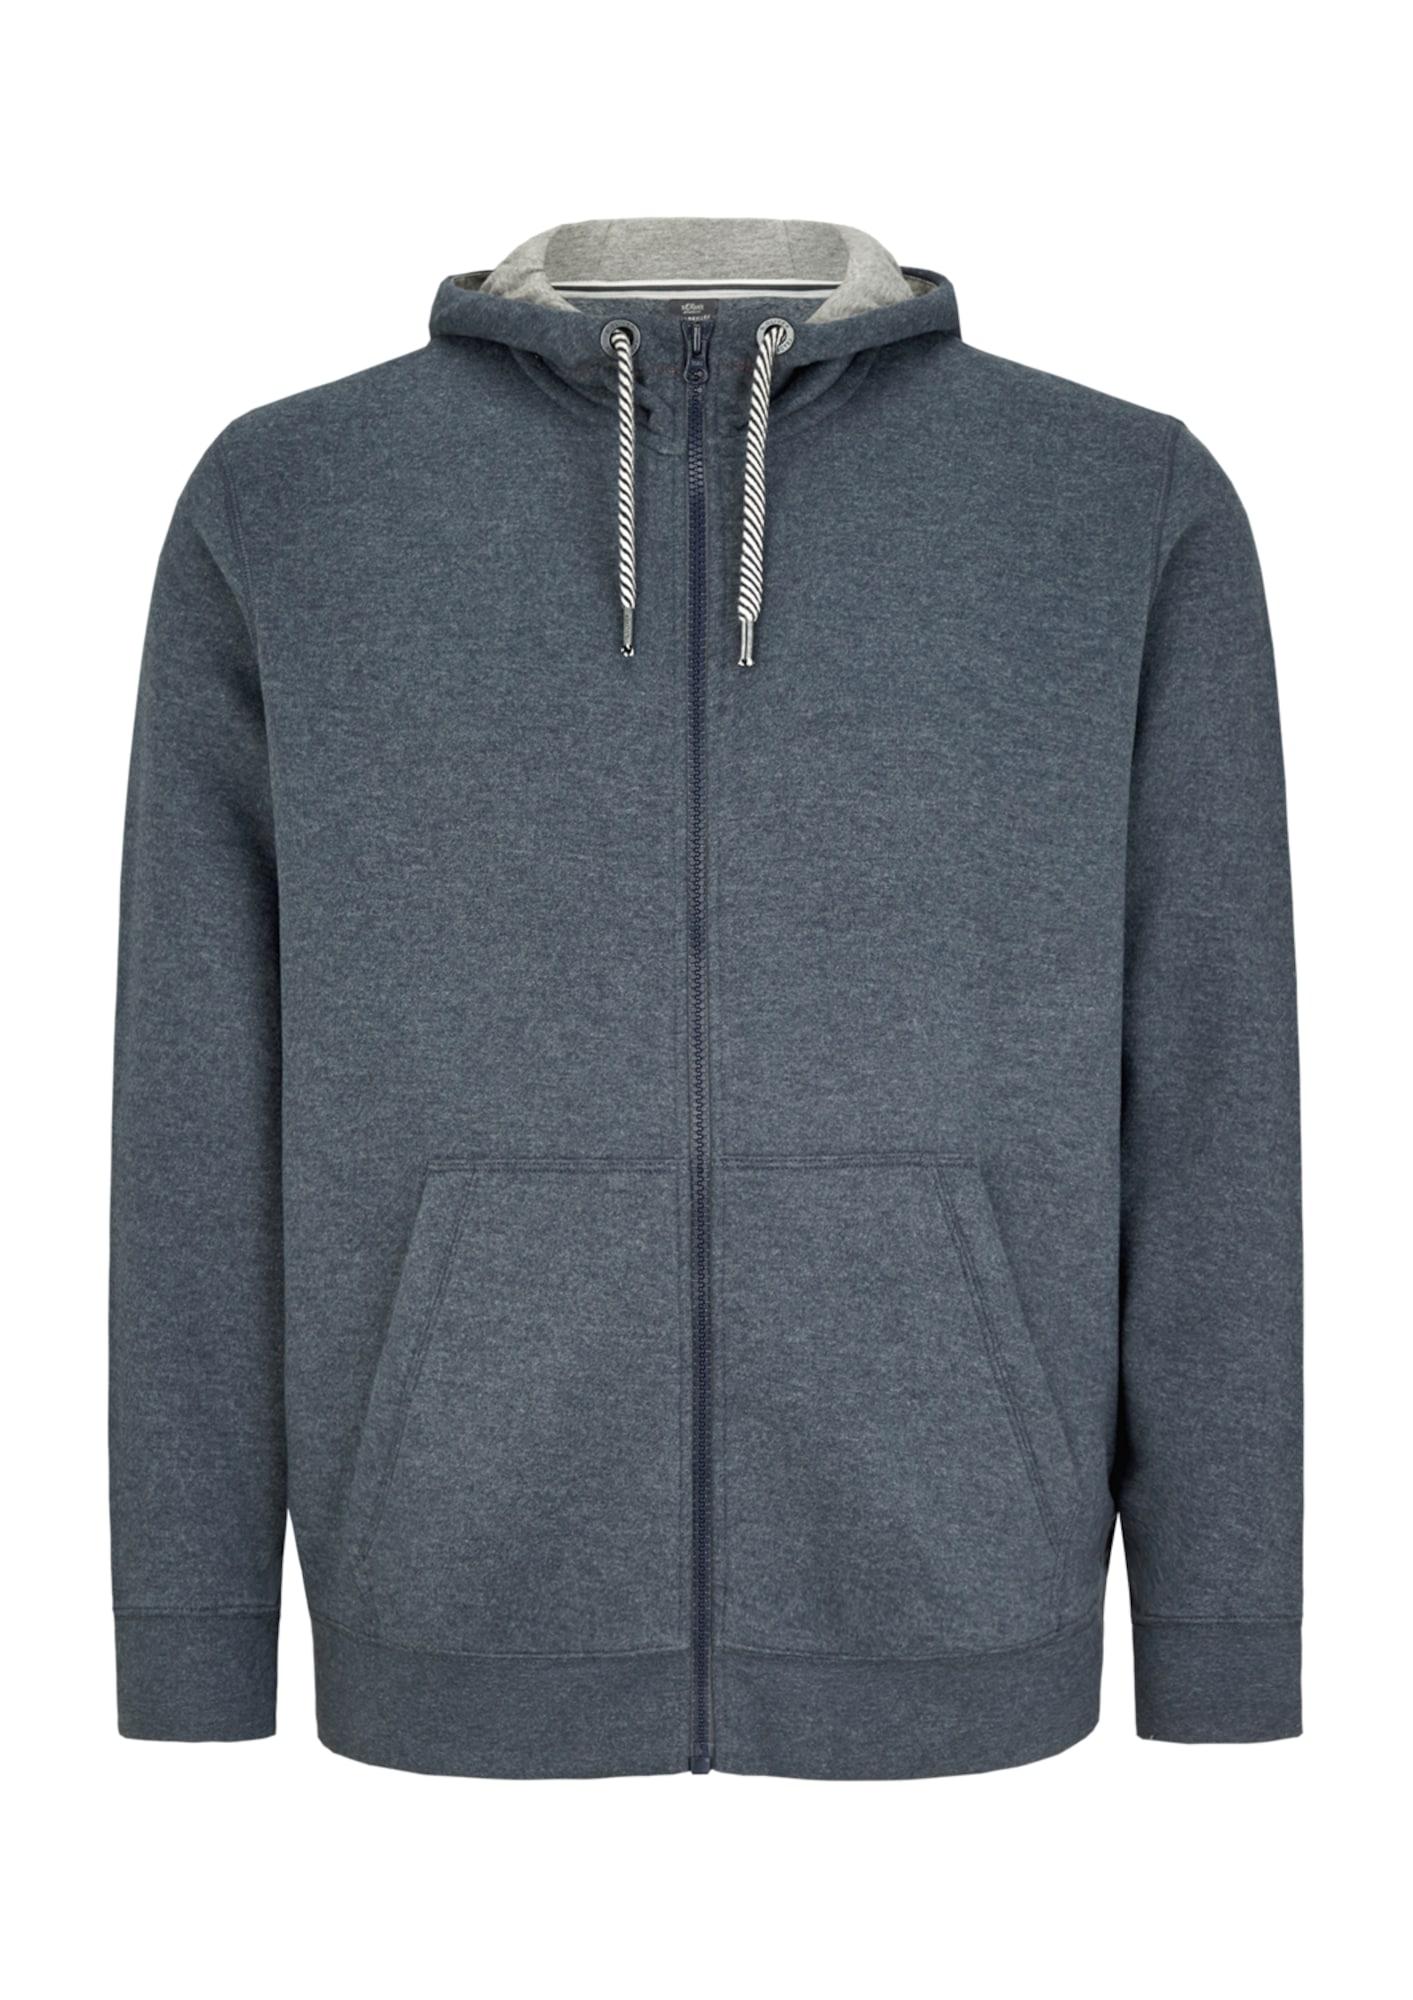 Sweatjacke | Bekleidung > Sweatshirts & -jacken > Sweatjacken | Blau | S.Oliver